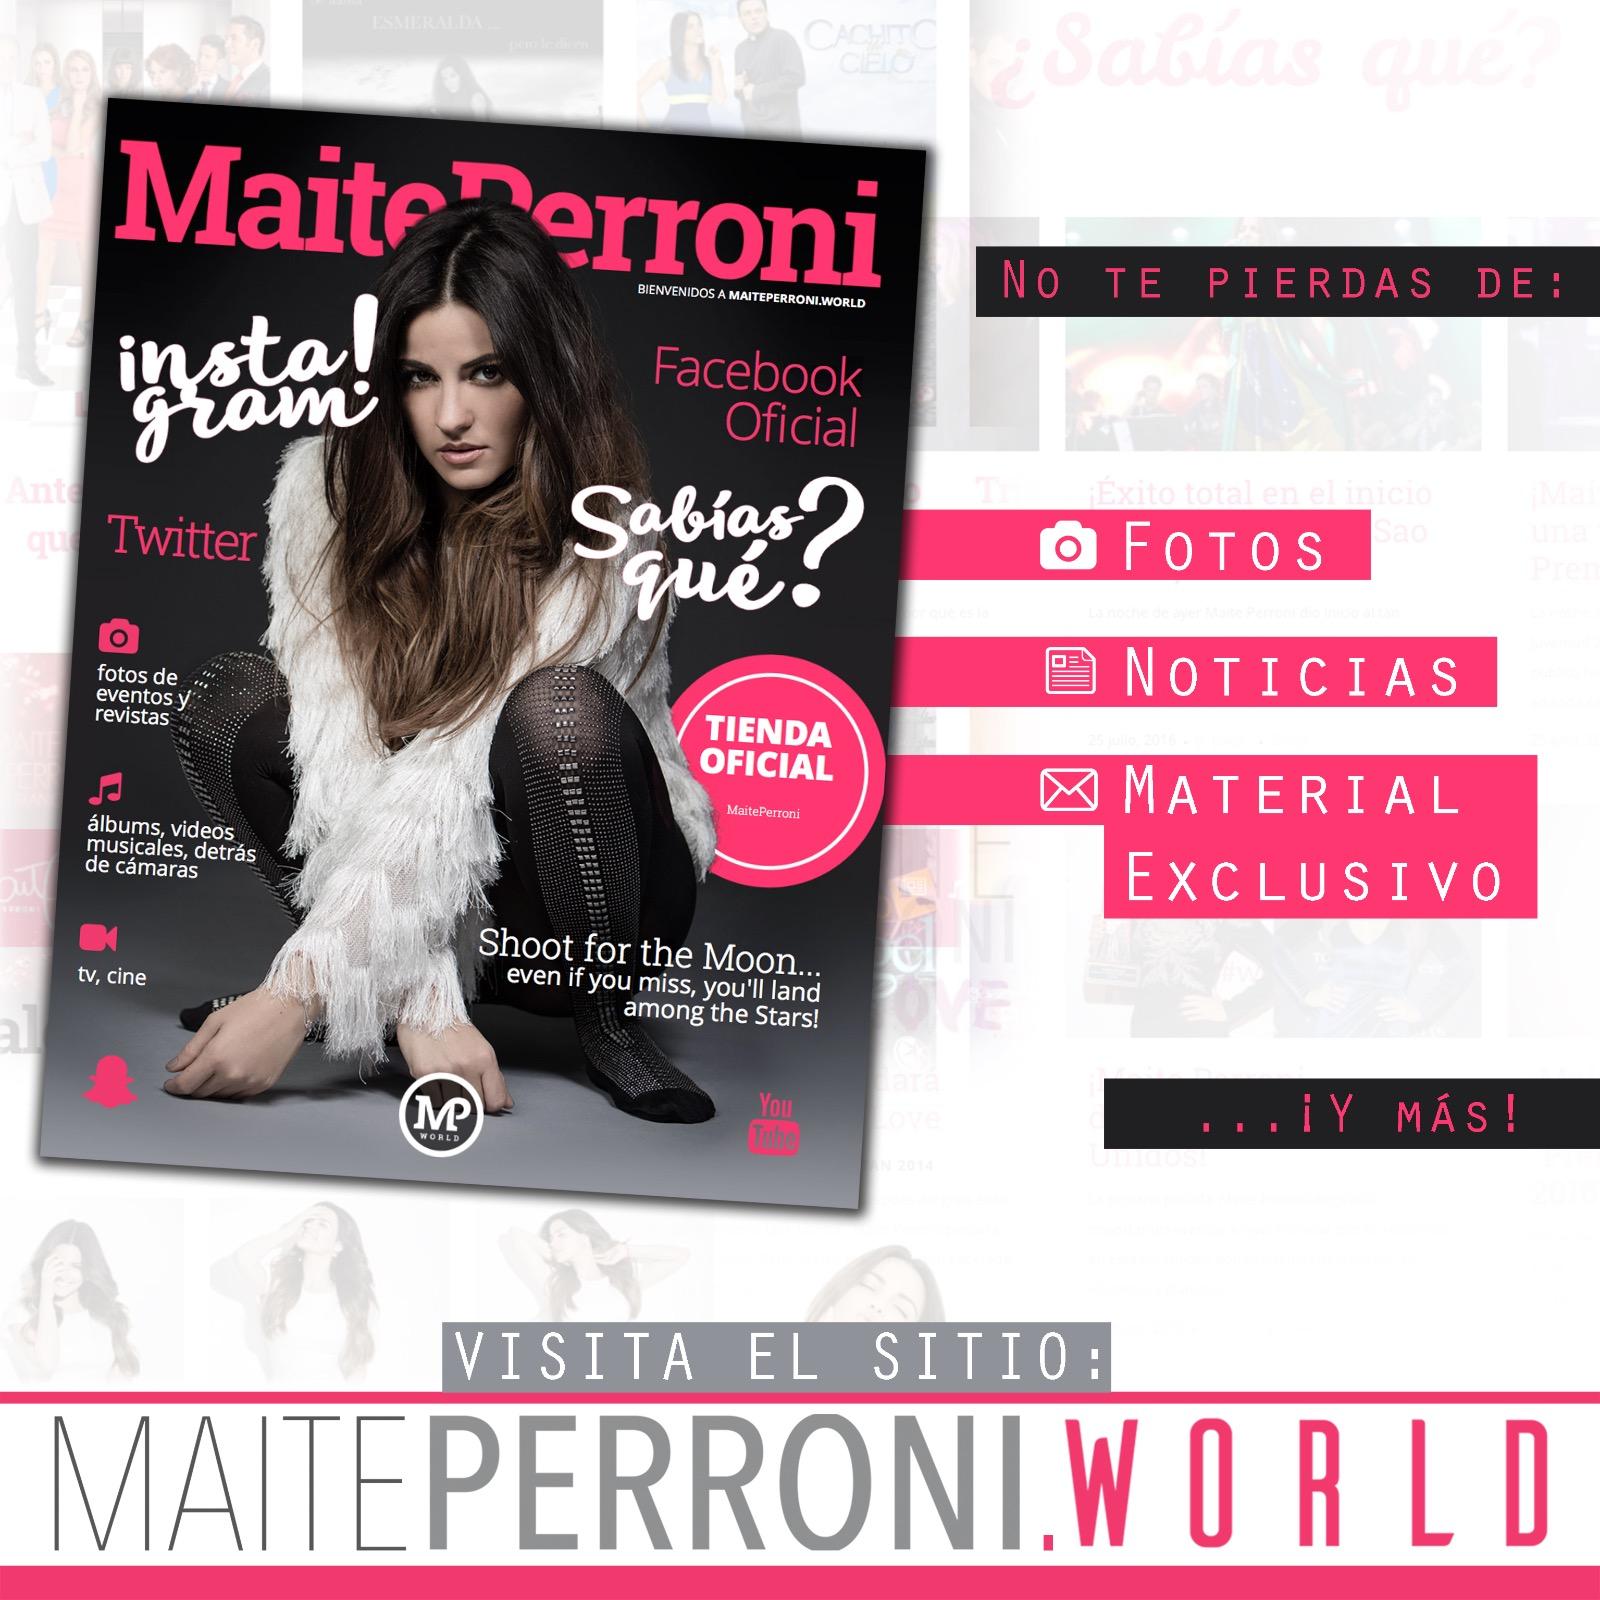 Estrondoso sucesso do novo site de Maite Perroni